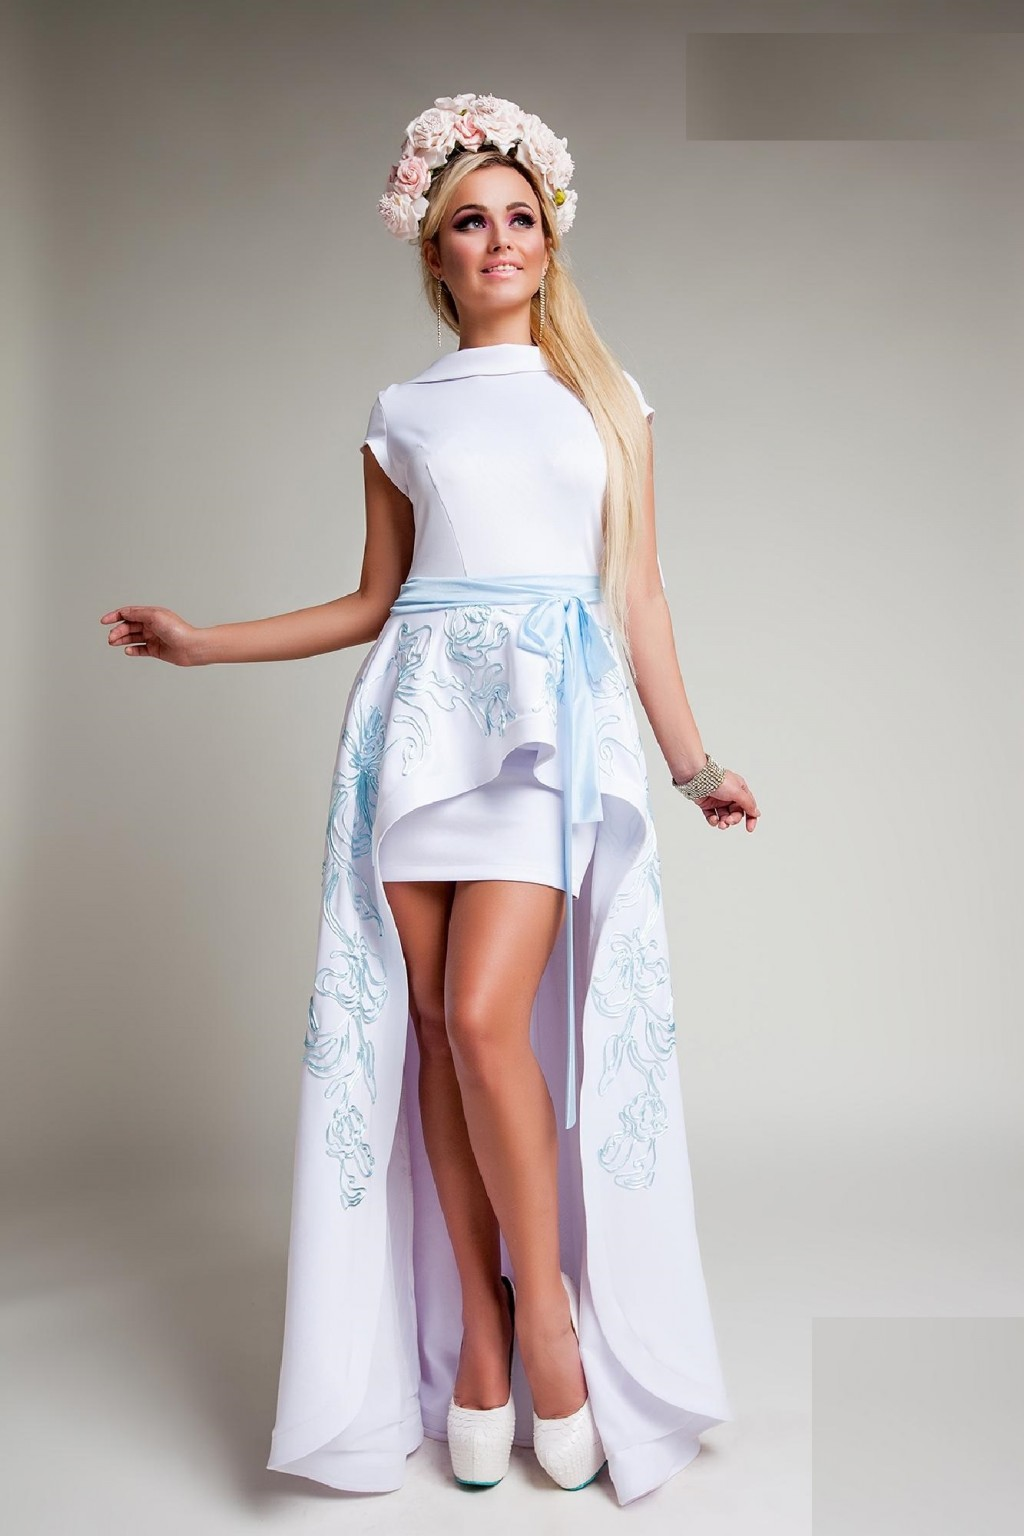 Сбор заказов. Роскошная закупка! Безумной красоты платья! Будьте неотразимы!